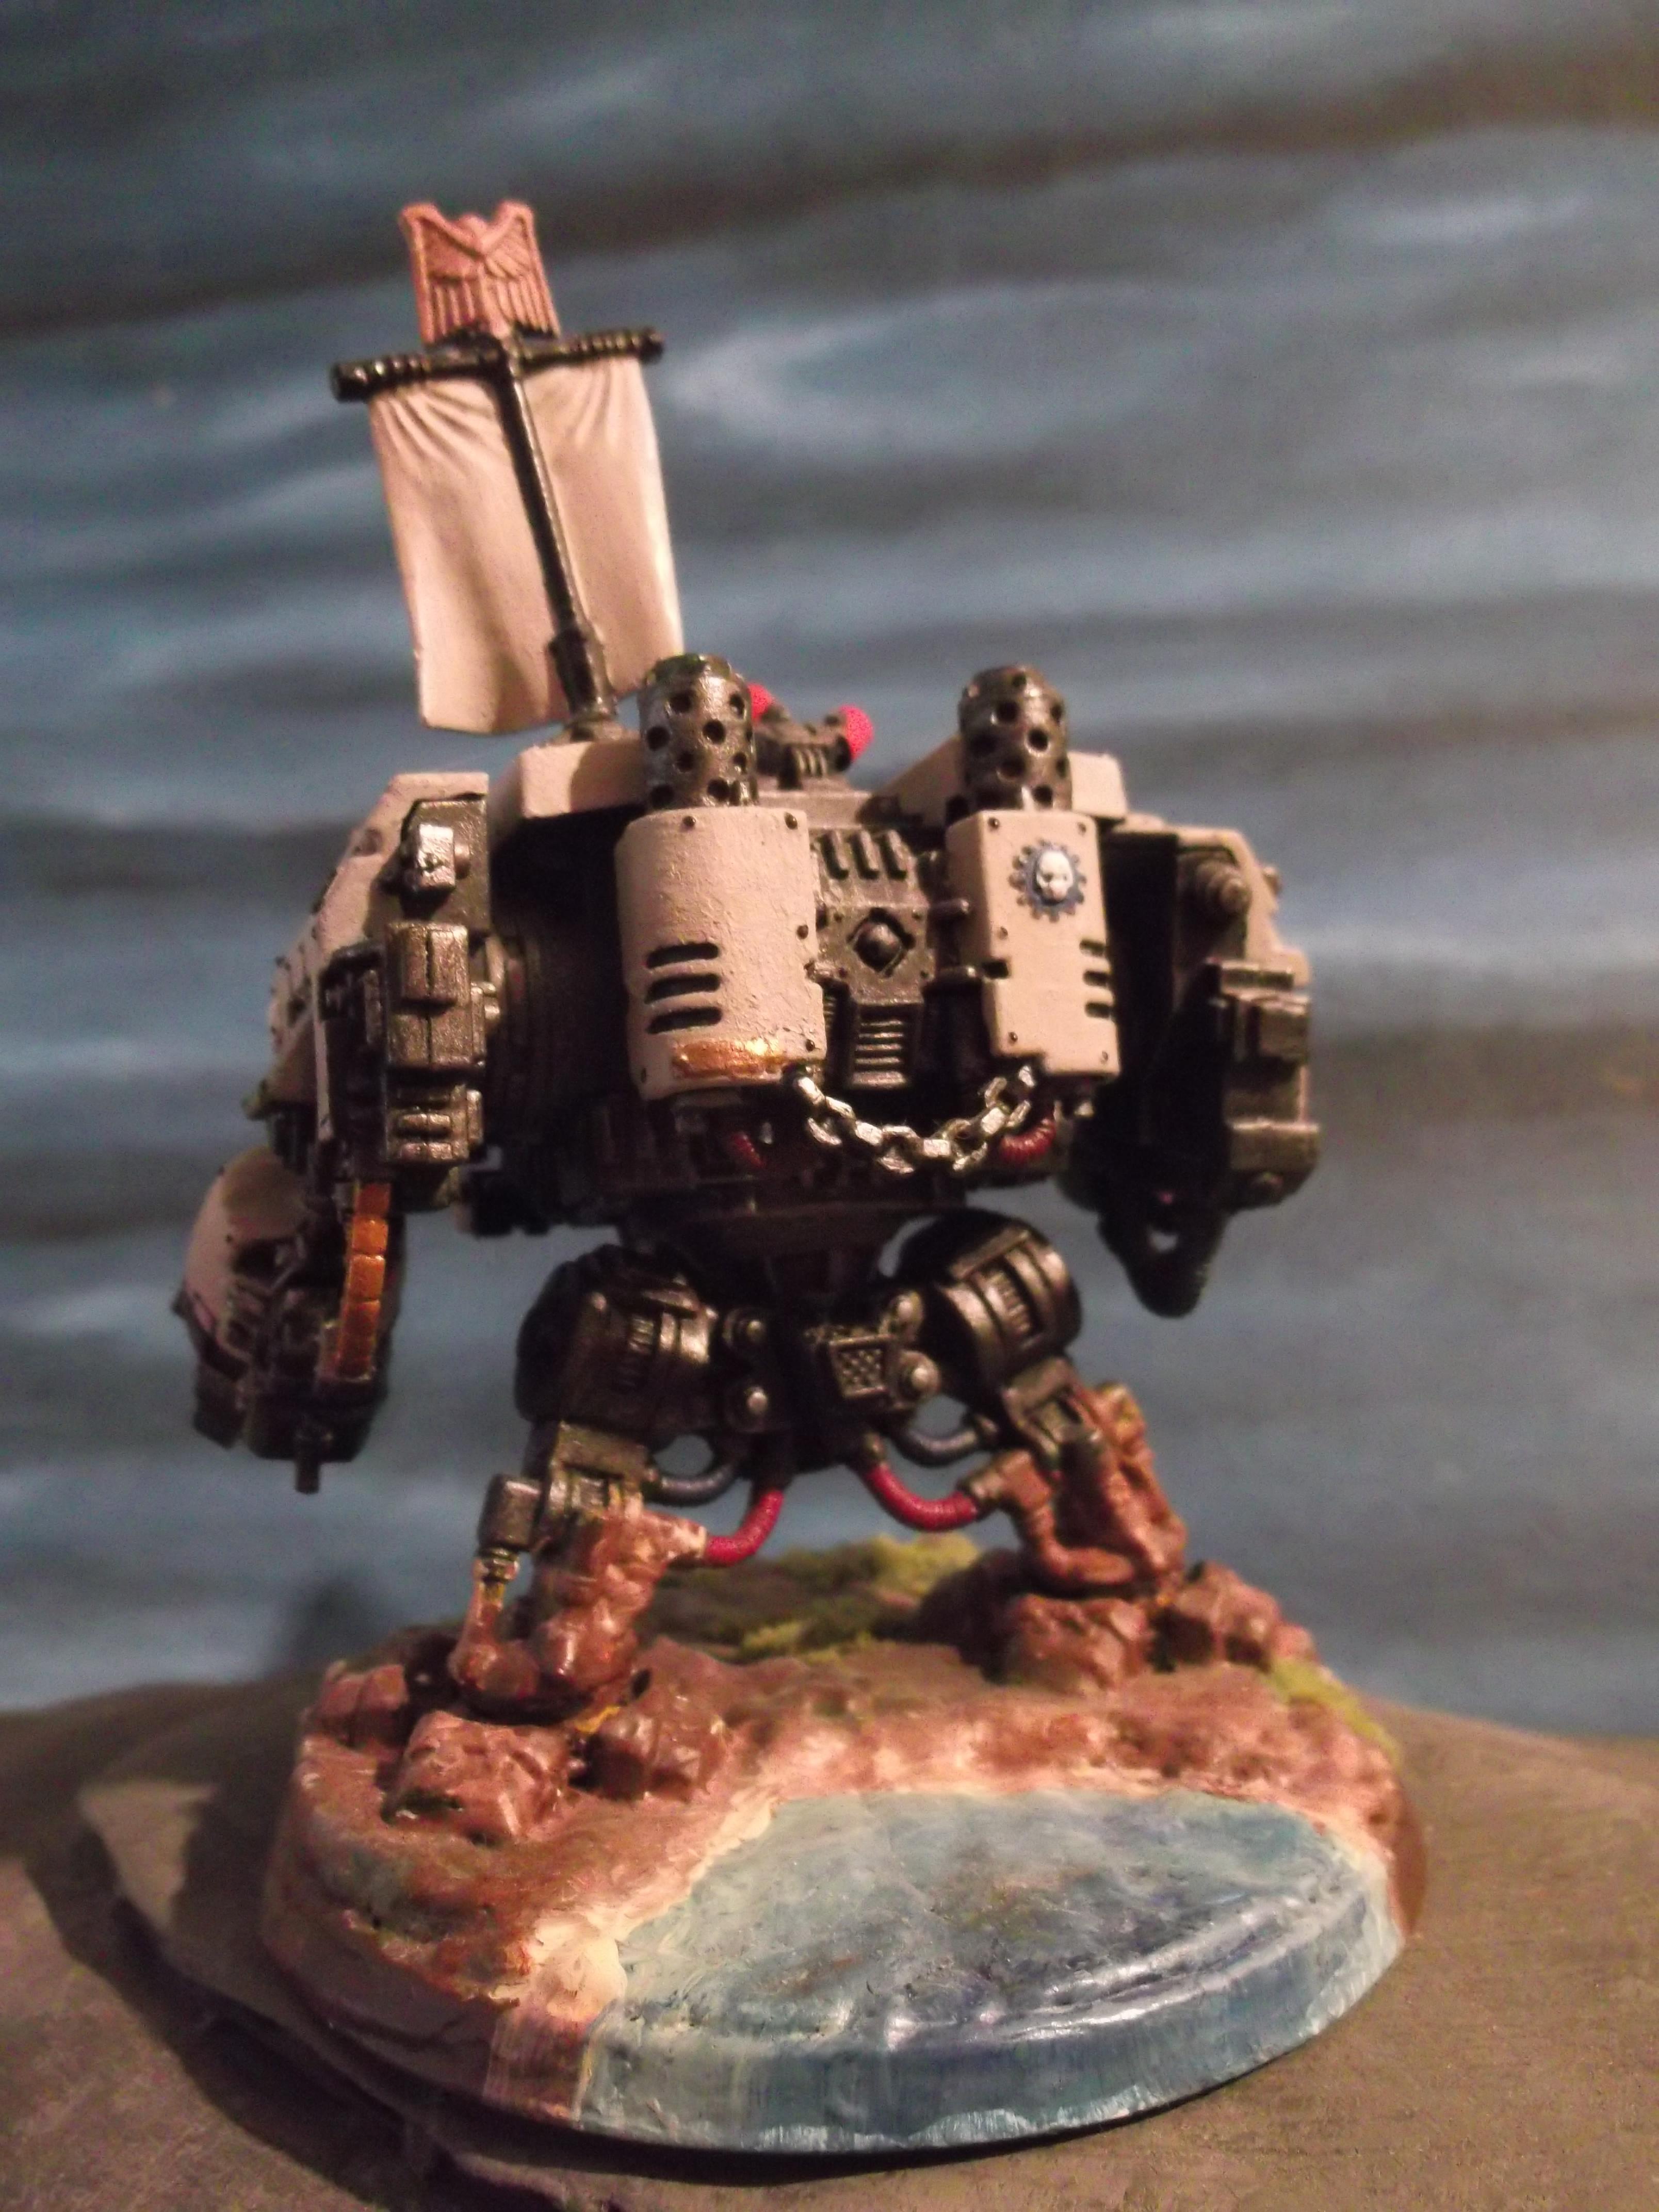 Black, Cybot, Dheneb, Dhenebs, Dreadnough, Dreadnough Cybot Space Marines Walker Laser Flag Dheneb Black Dhenebs, Flag, Laser, Space, Space Marines, Walker